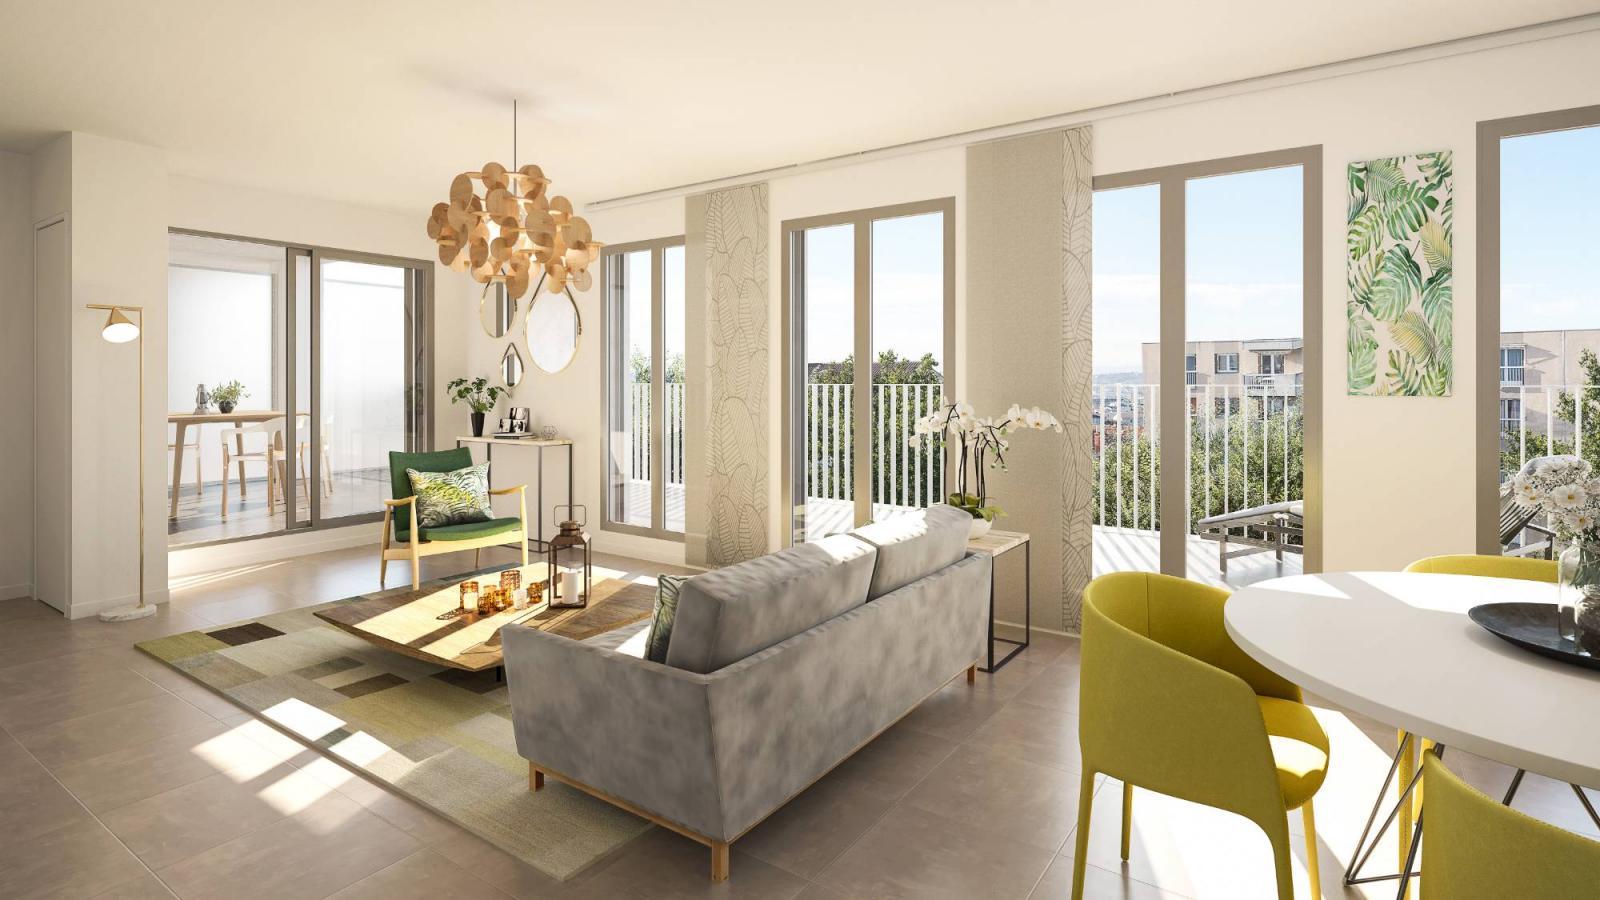 Programme immobilier Villeurbanne (69100) AU COEUR DE VILLEURBANNE KAB11